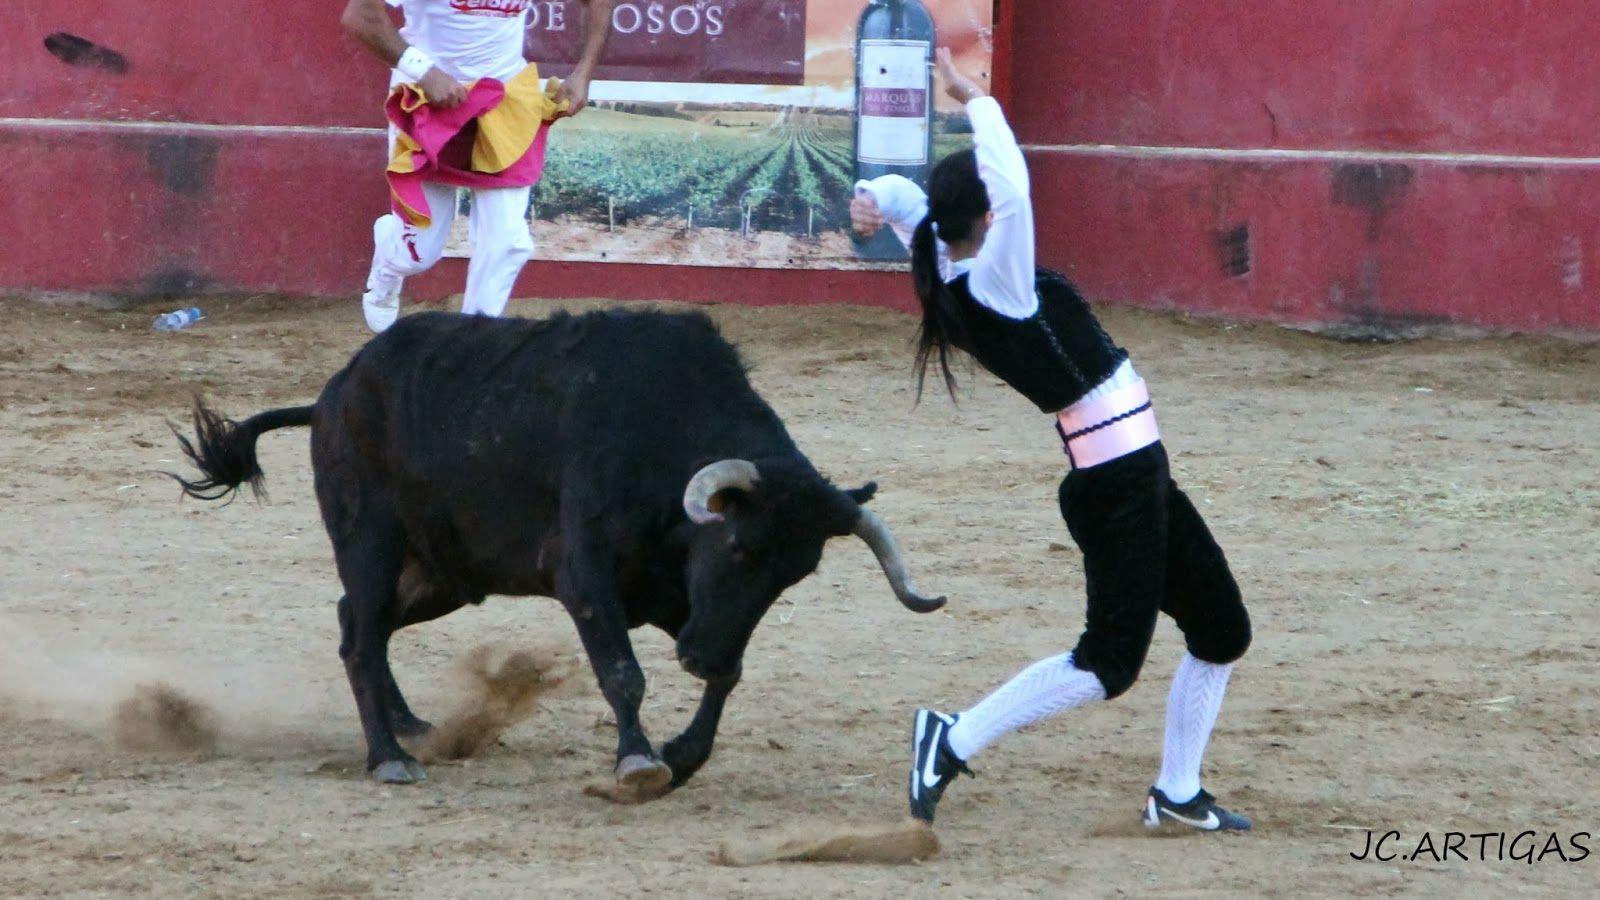 ganaderias taurinas | Publicado por Fotos Taurinas Jose Carlos Artigas en 8:54